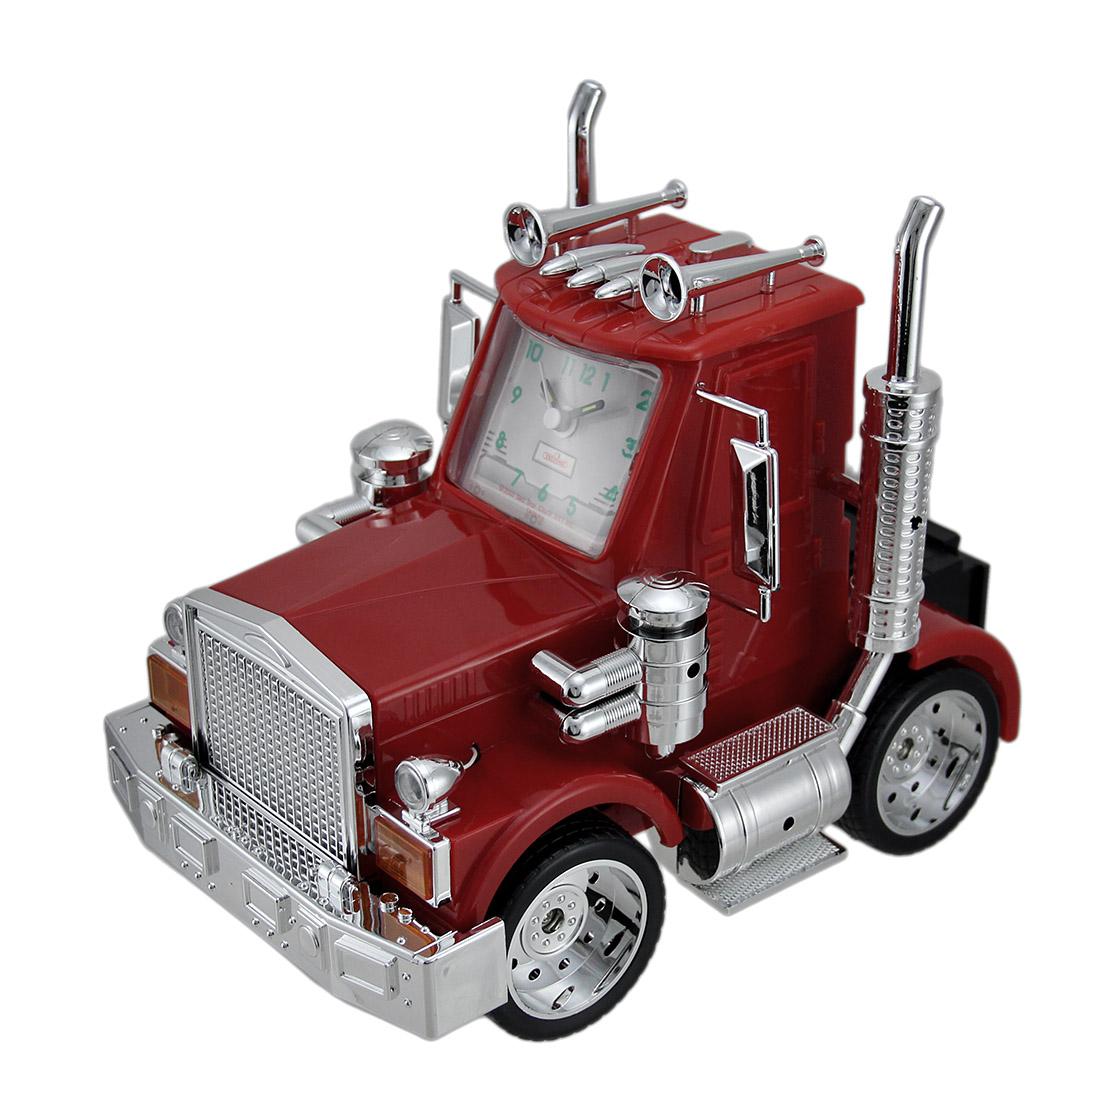 Big Rig Alarm Clock : North american big rig red semi truck alarm clock